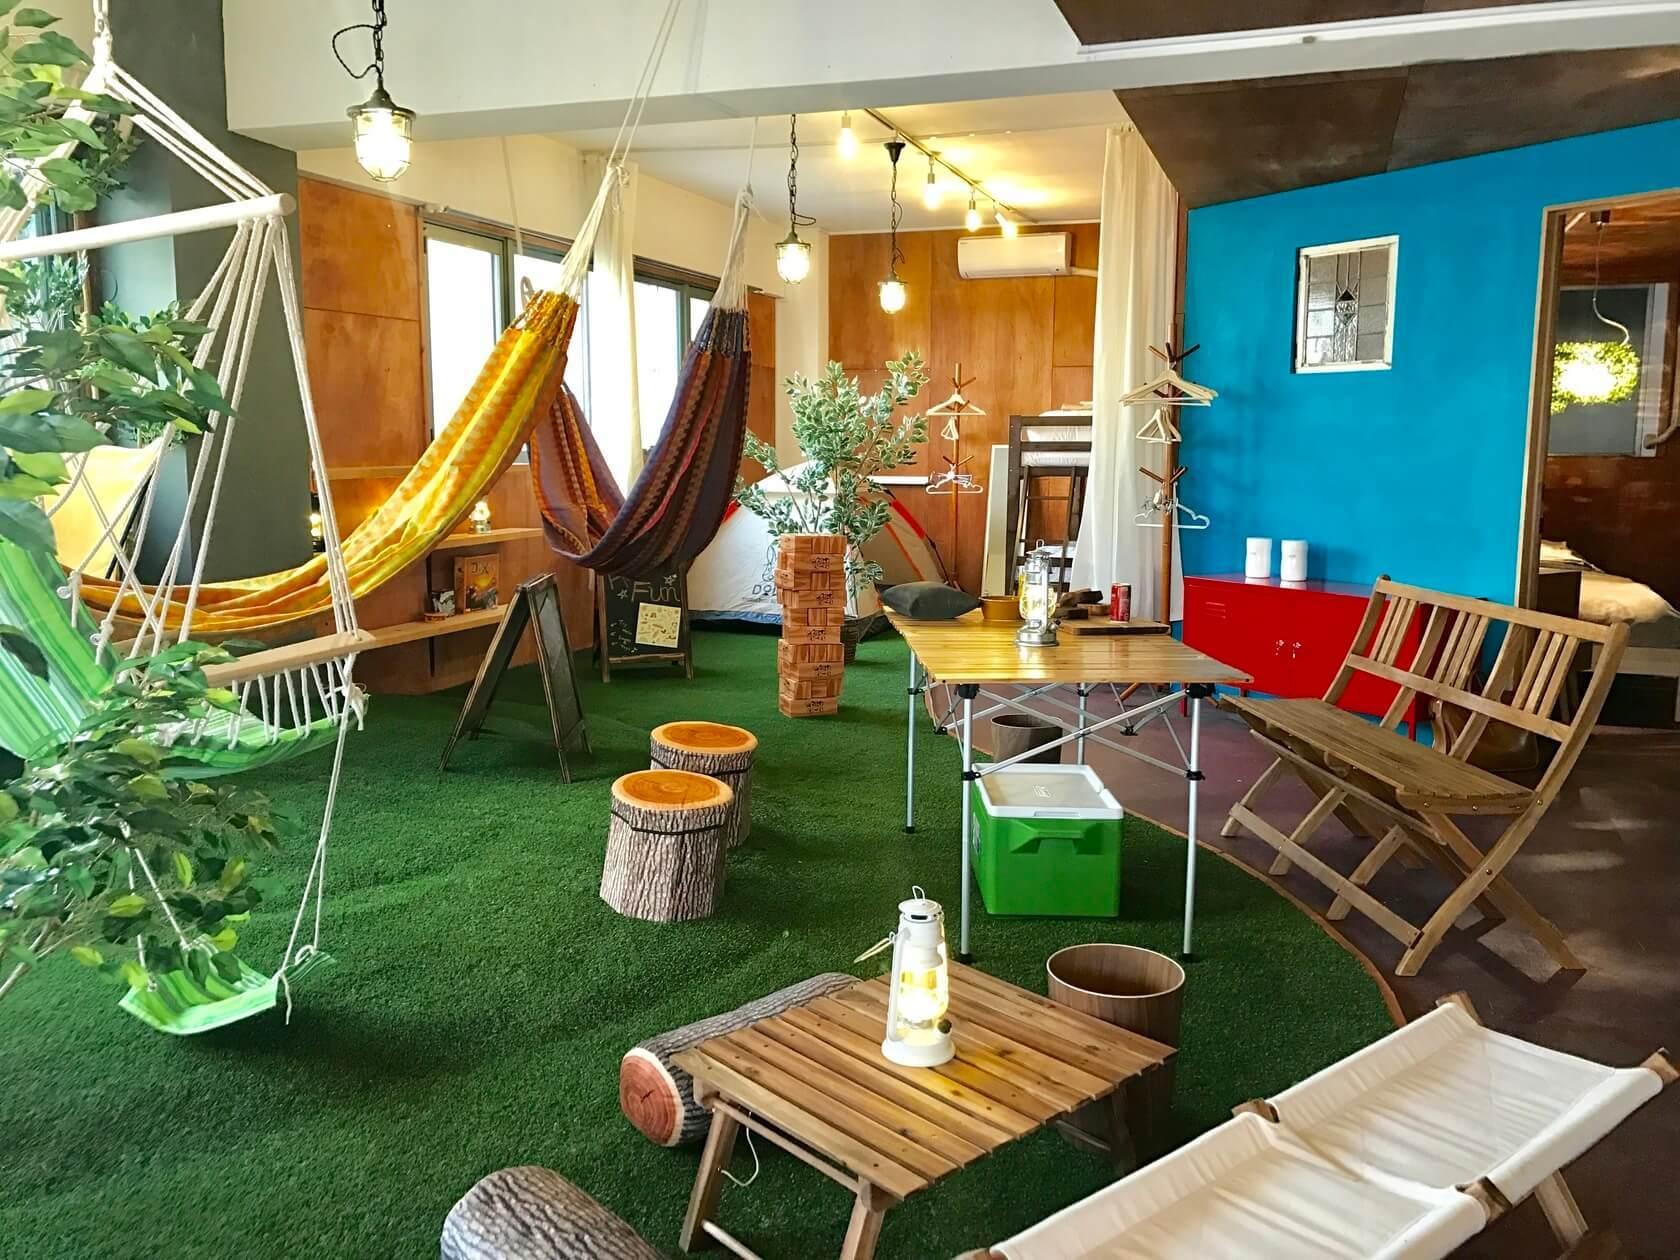 屋内キャンプ・グランピングが楽しめるスペース